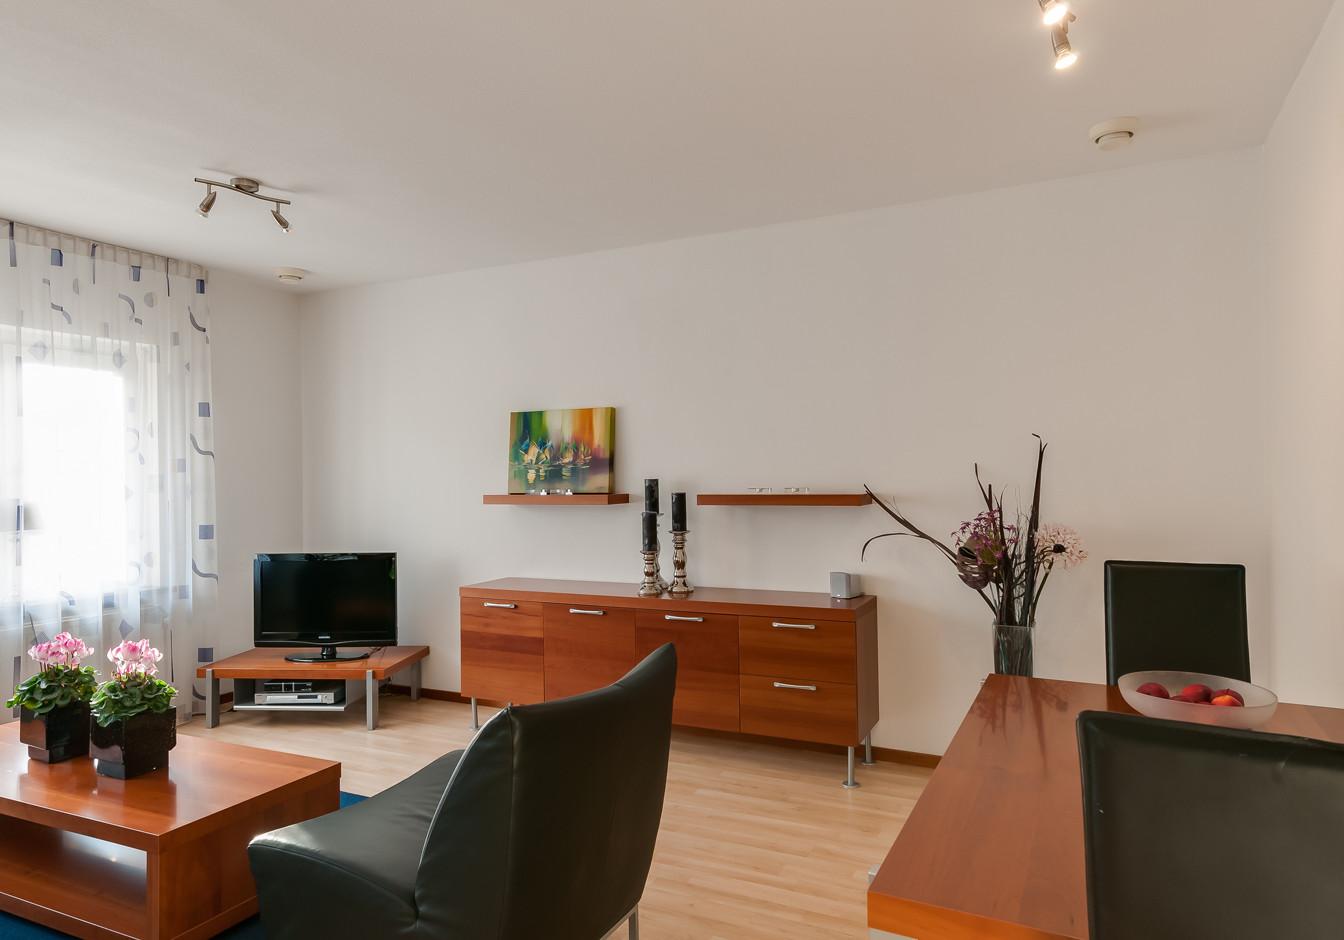 Foto's-apartementen-15